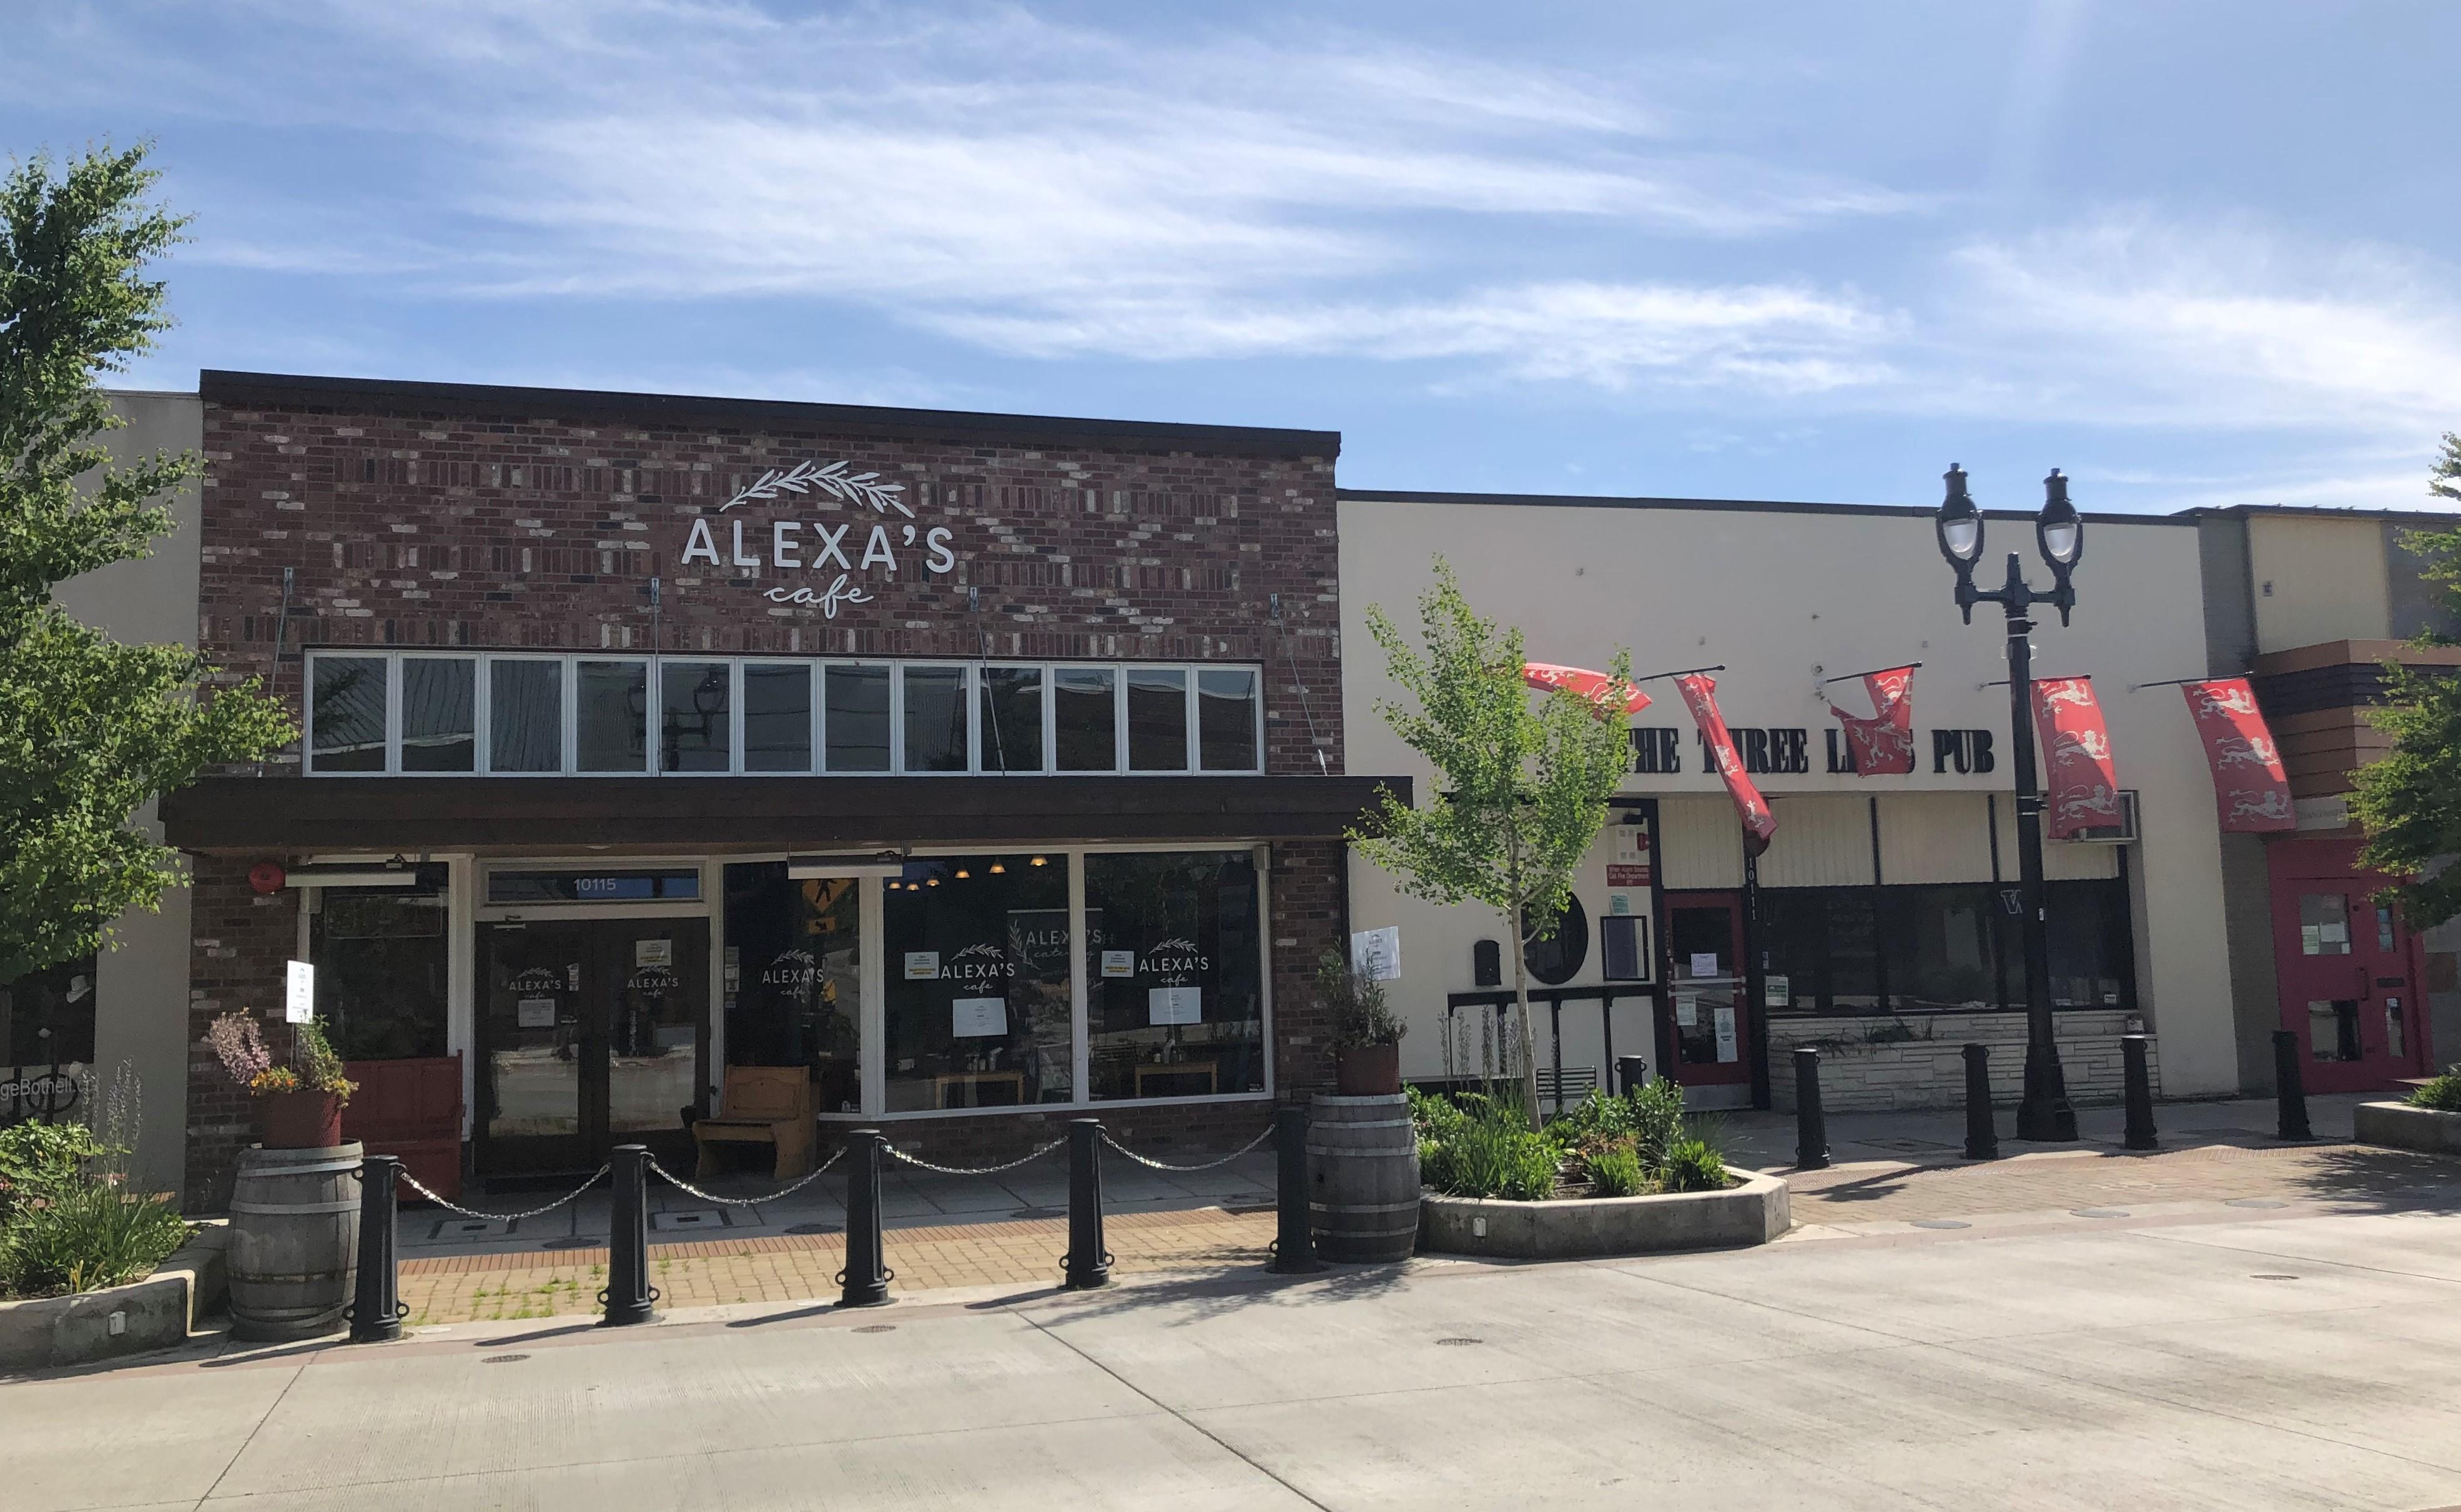 Alexa's Cafe